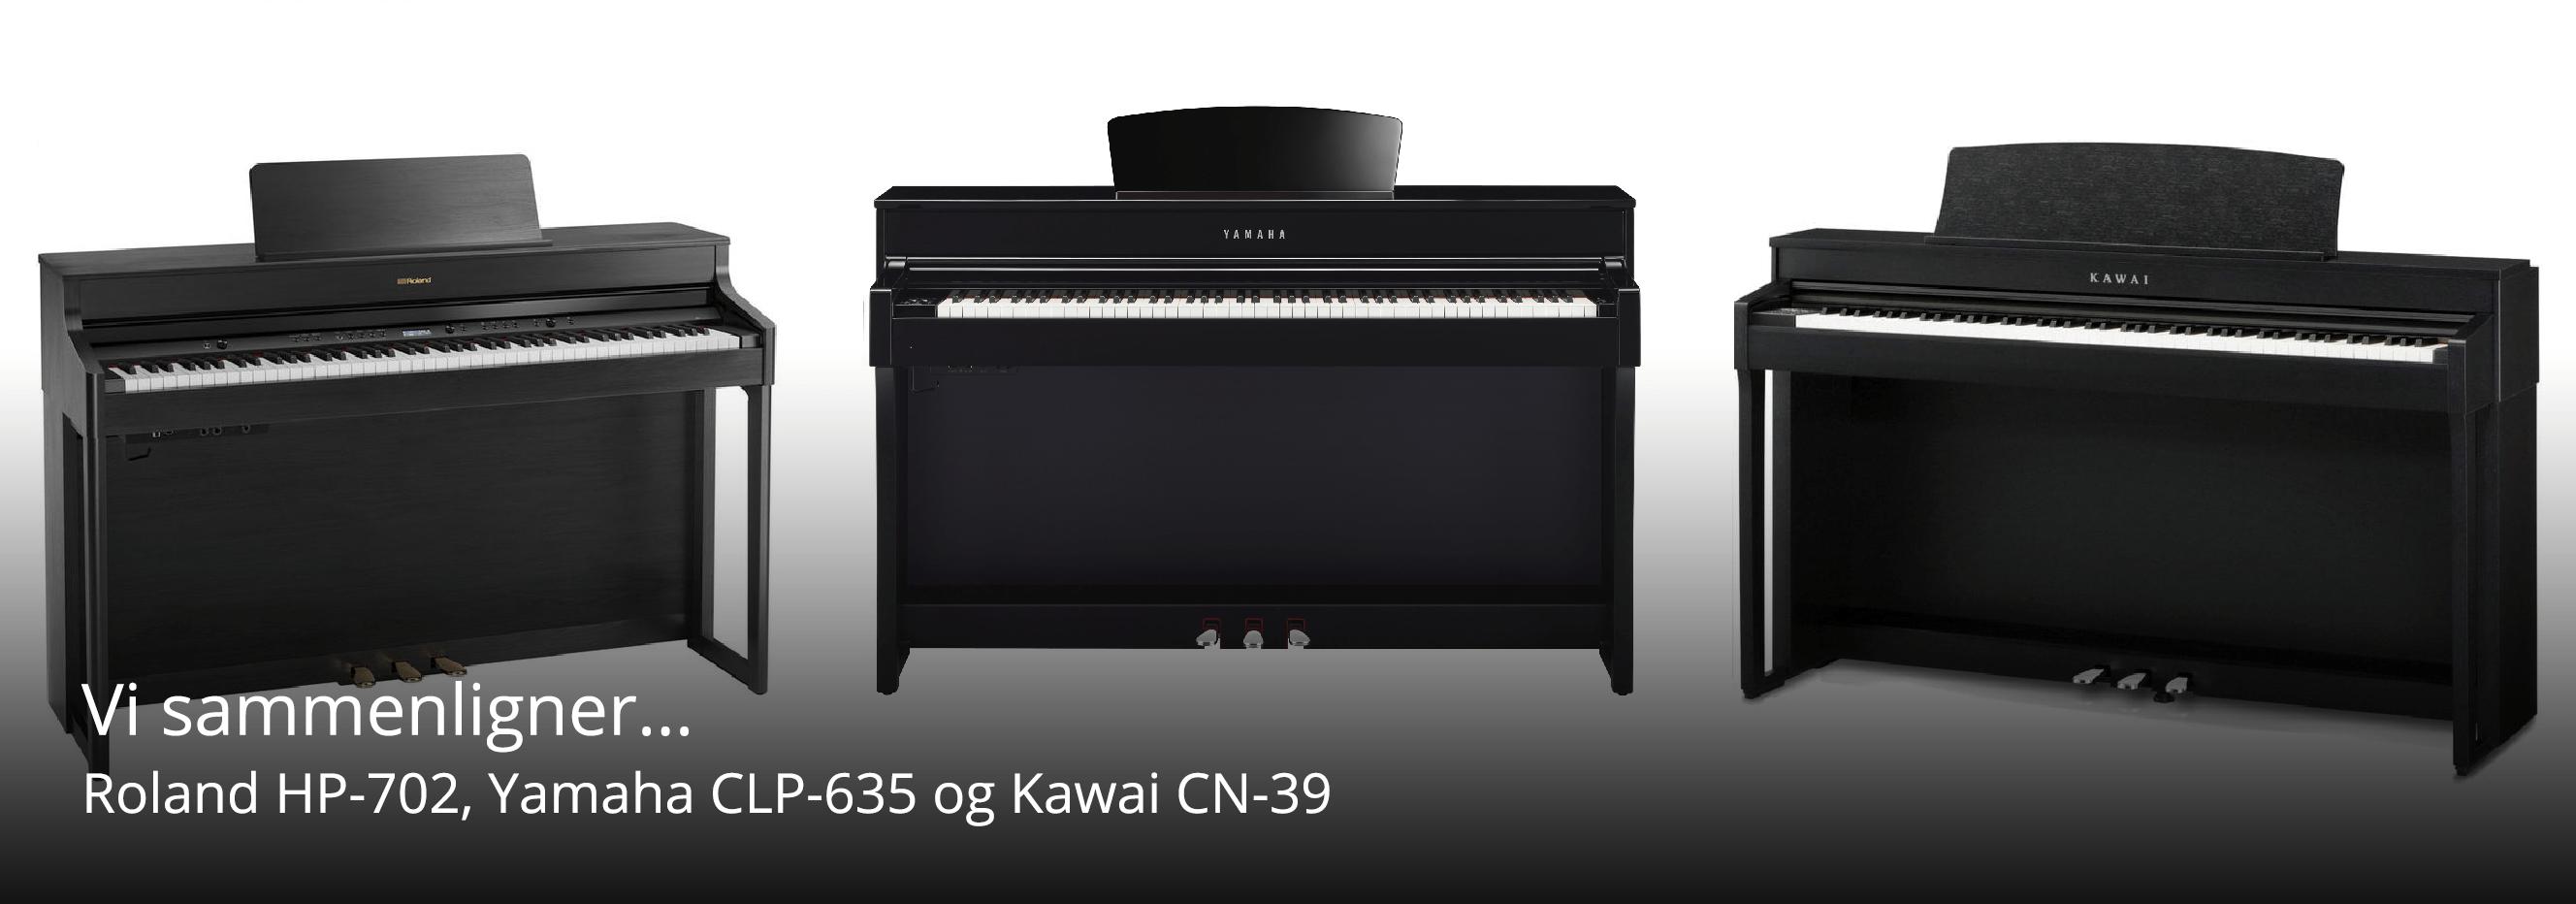 Kawai CN-39, Yamaha CLP-635, Roland HP-702